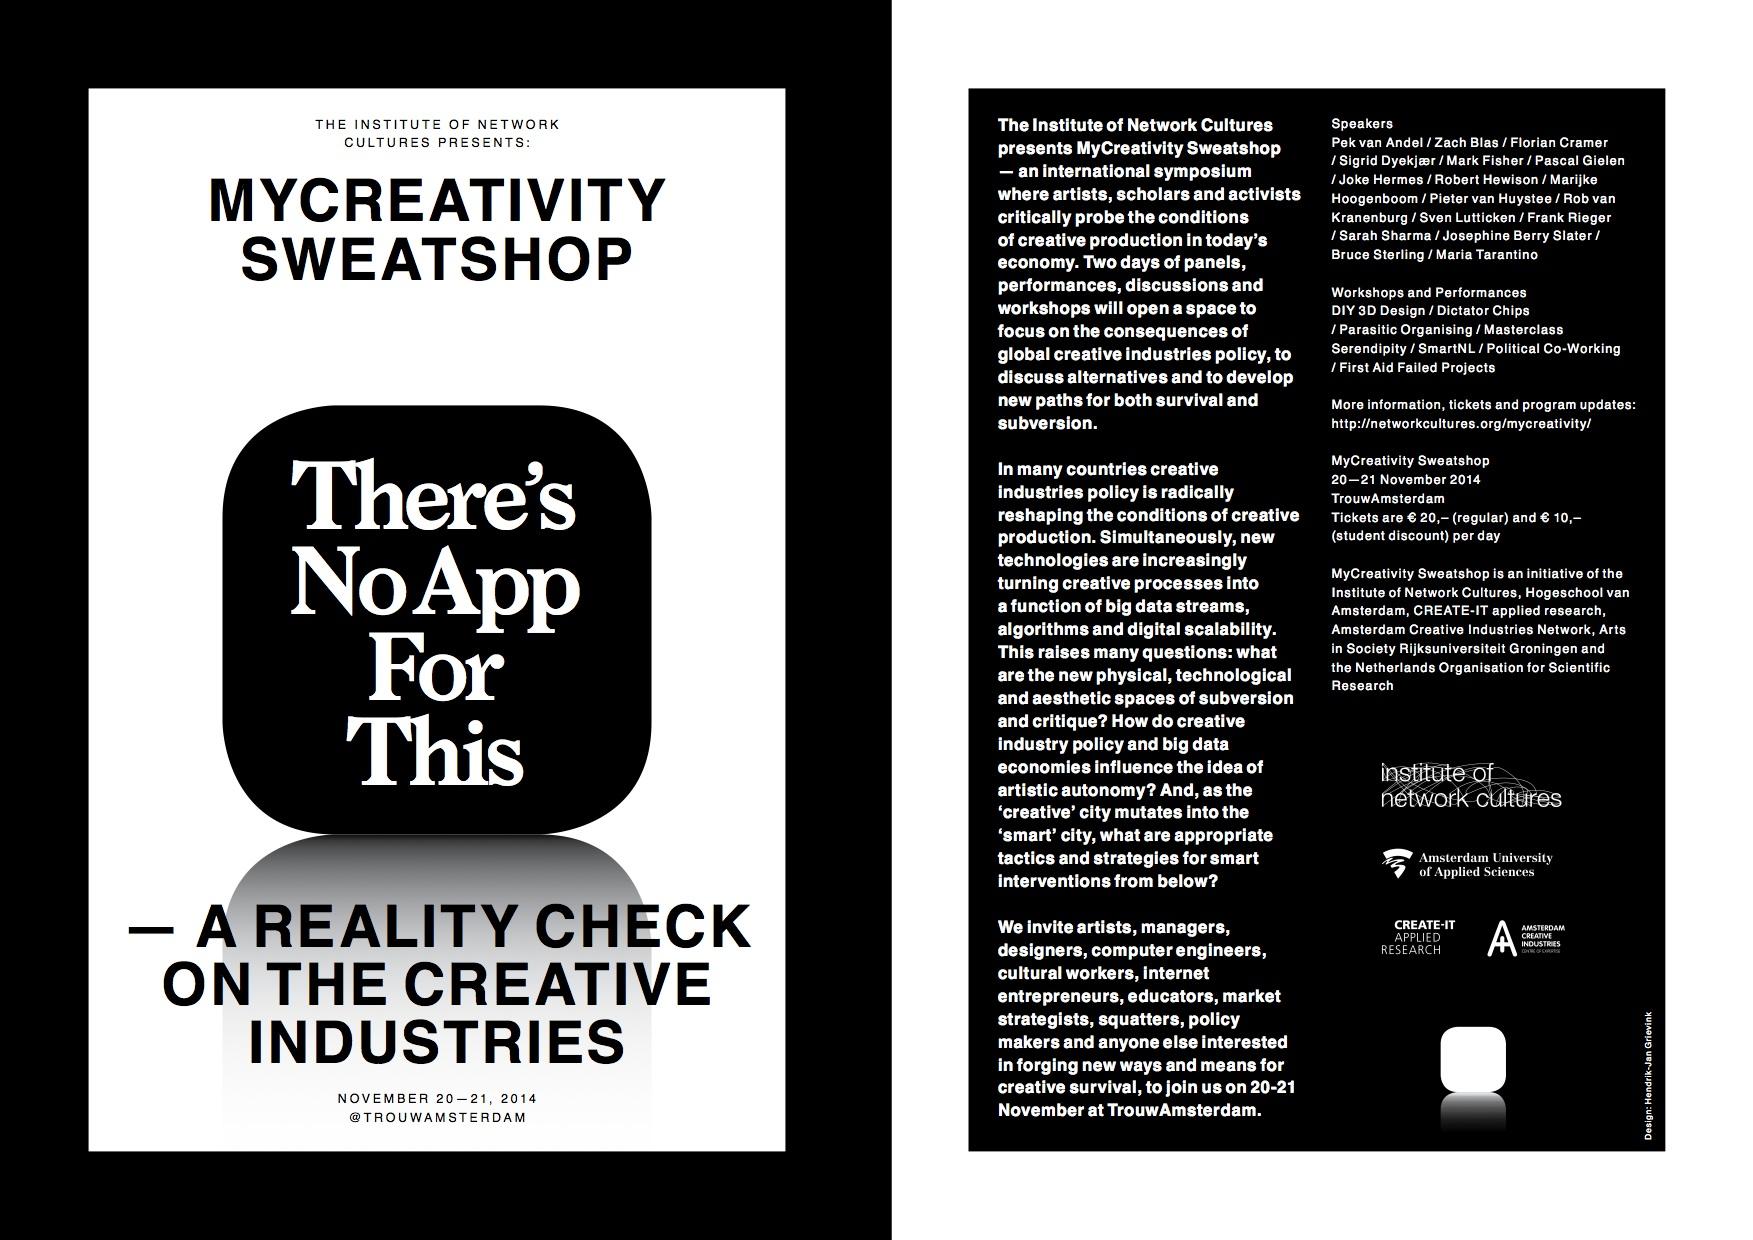 MyCreativity_e-flyer_JPEGz